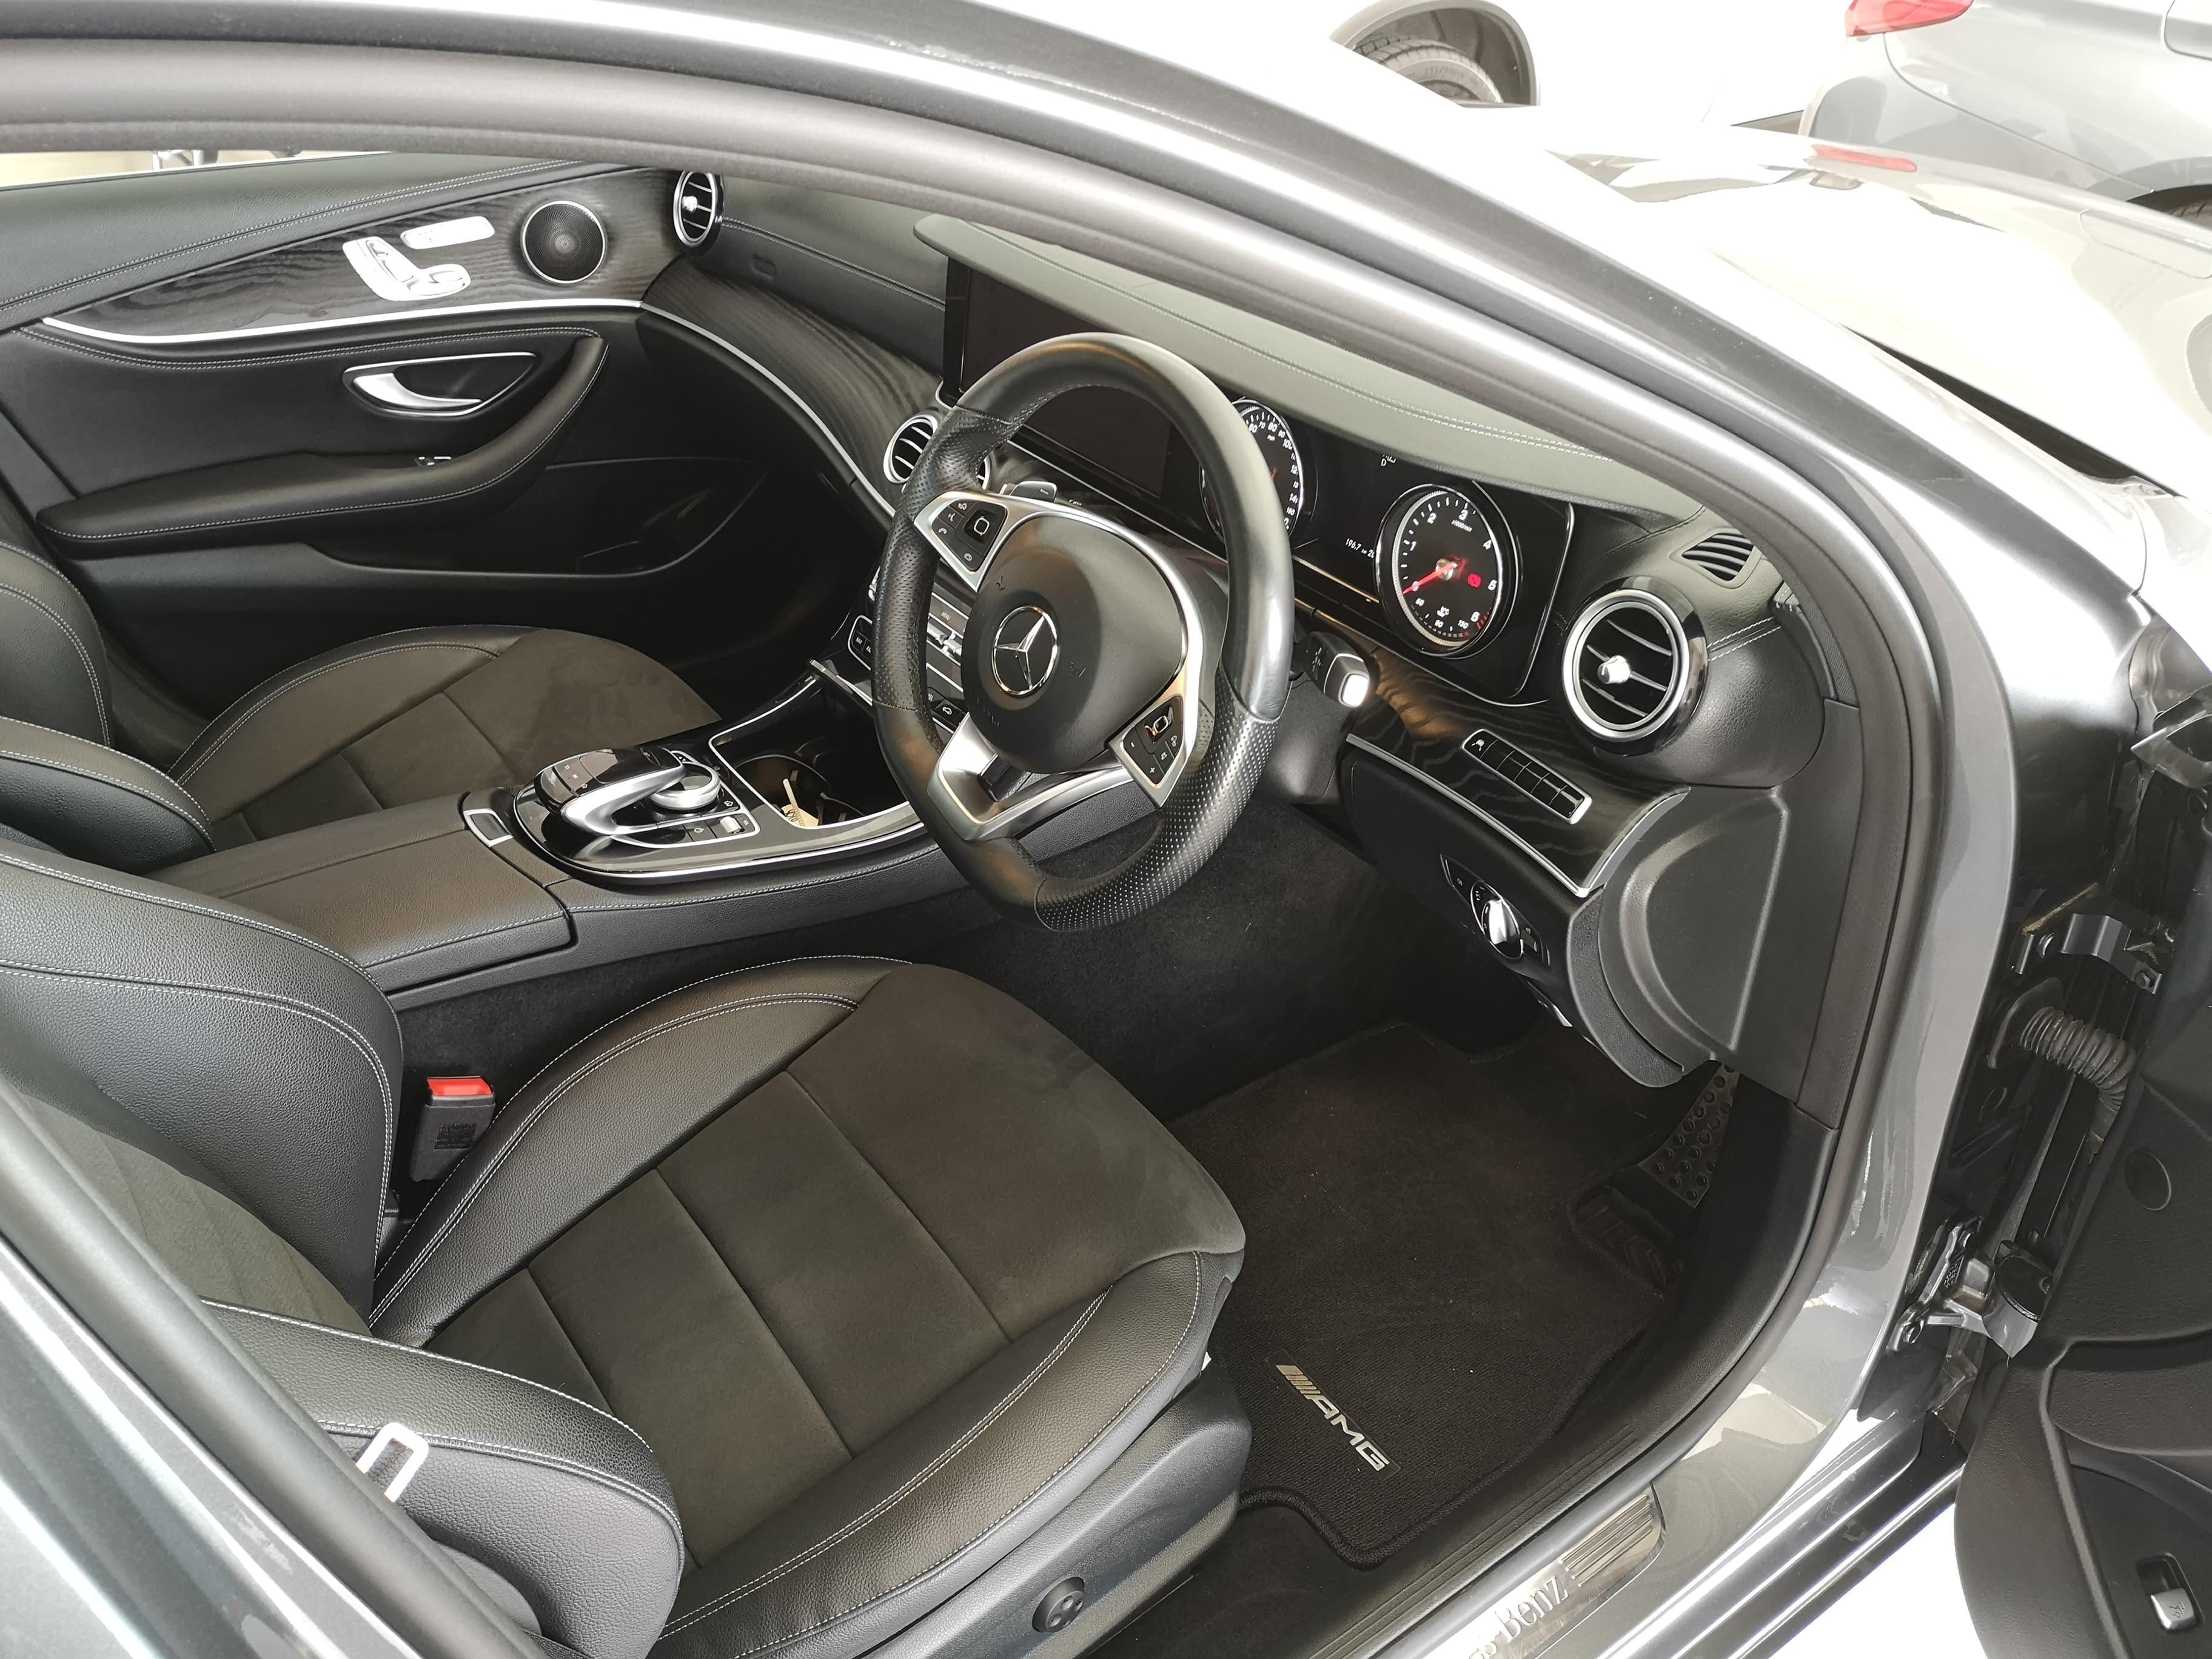 Mercedes E-class 350D AMG 5 door 9g-Tronic